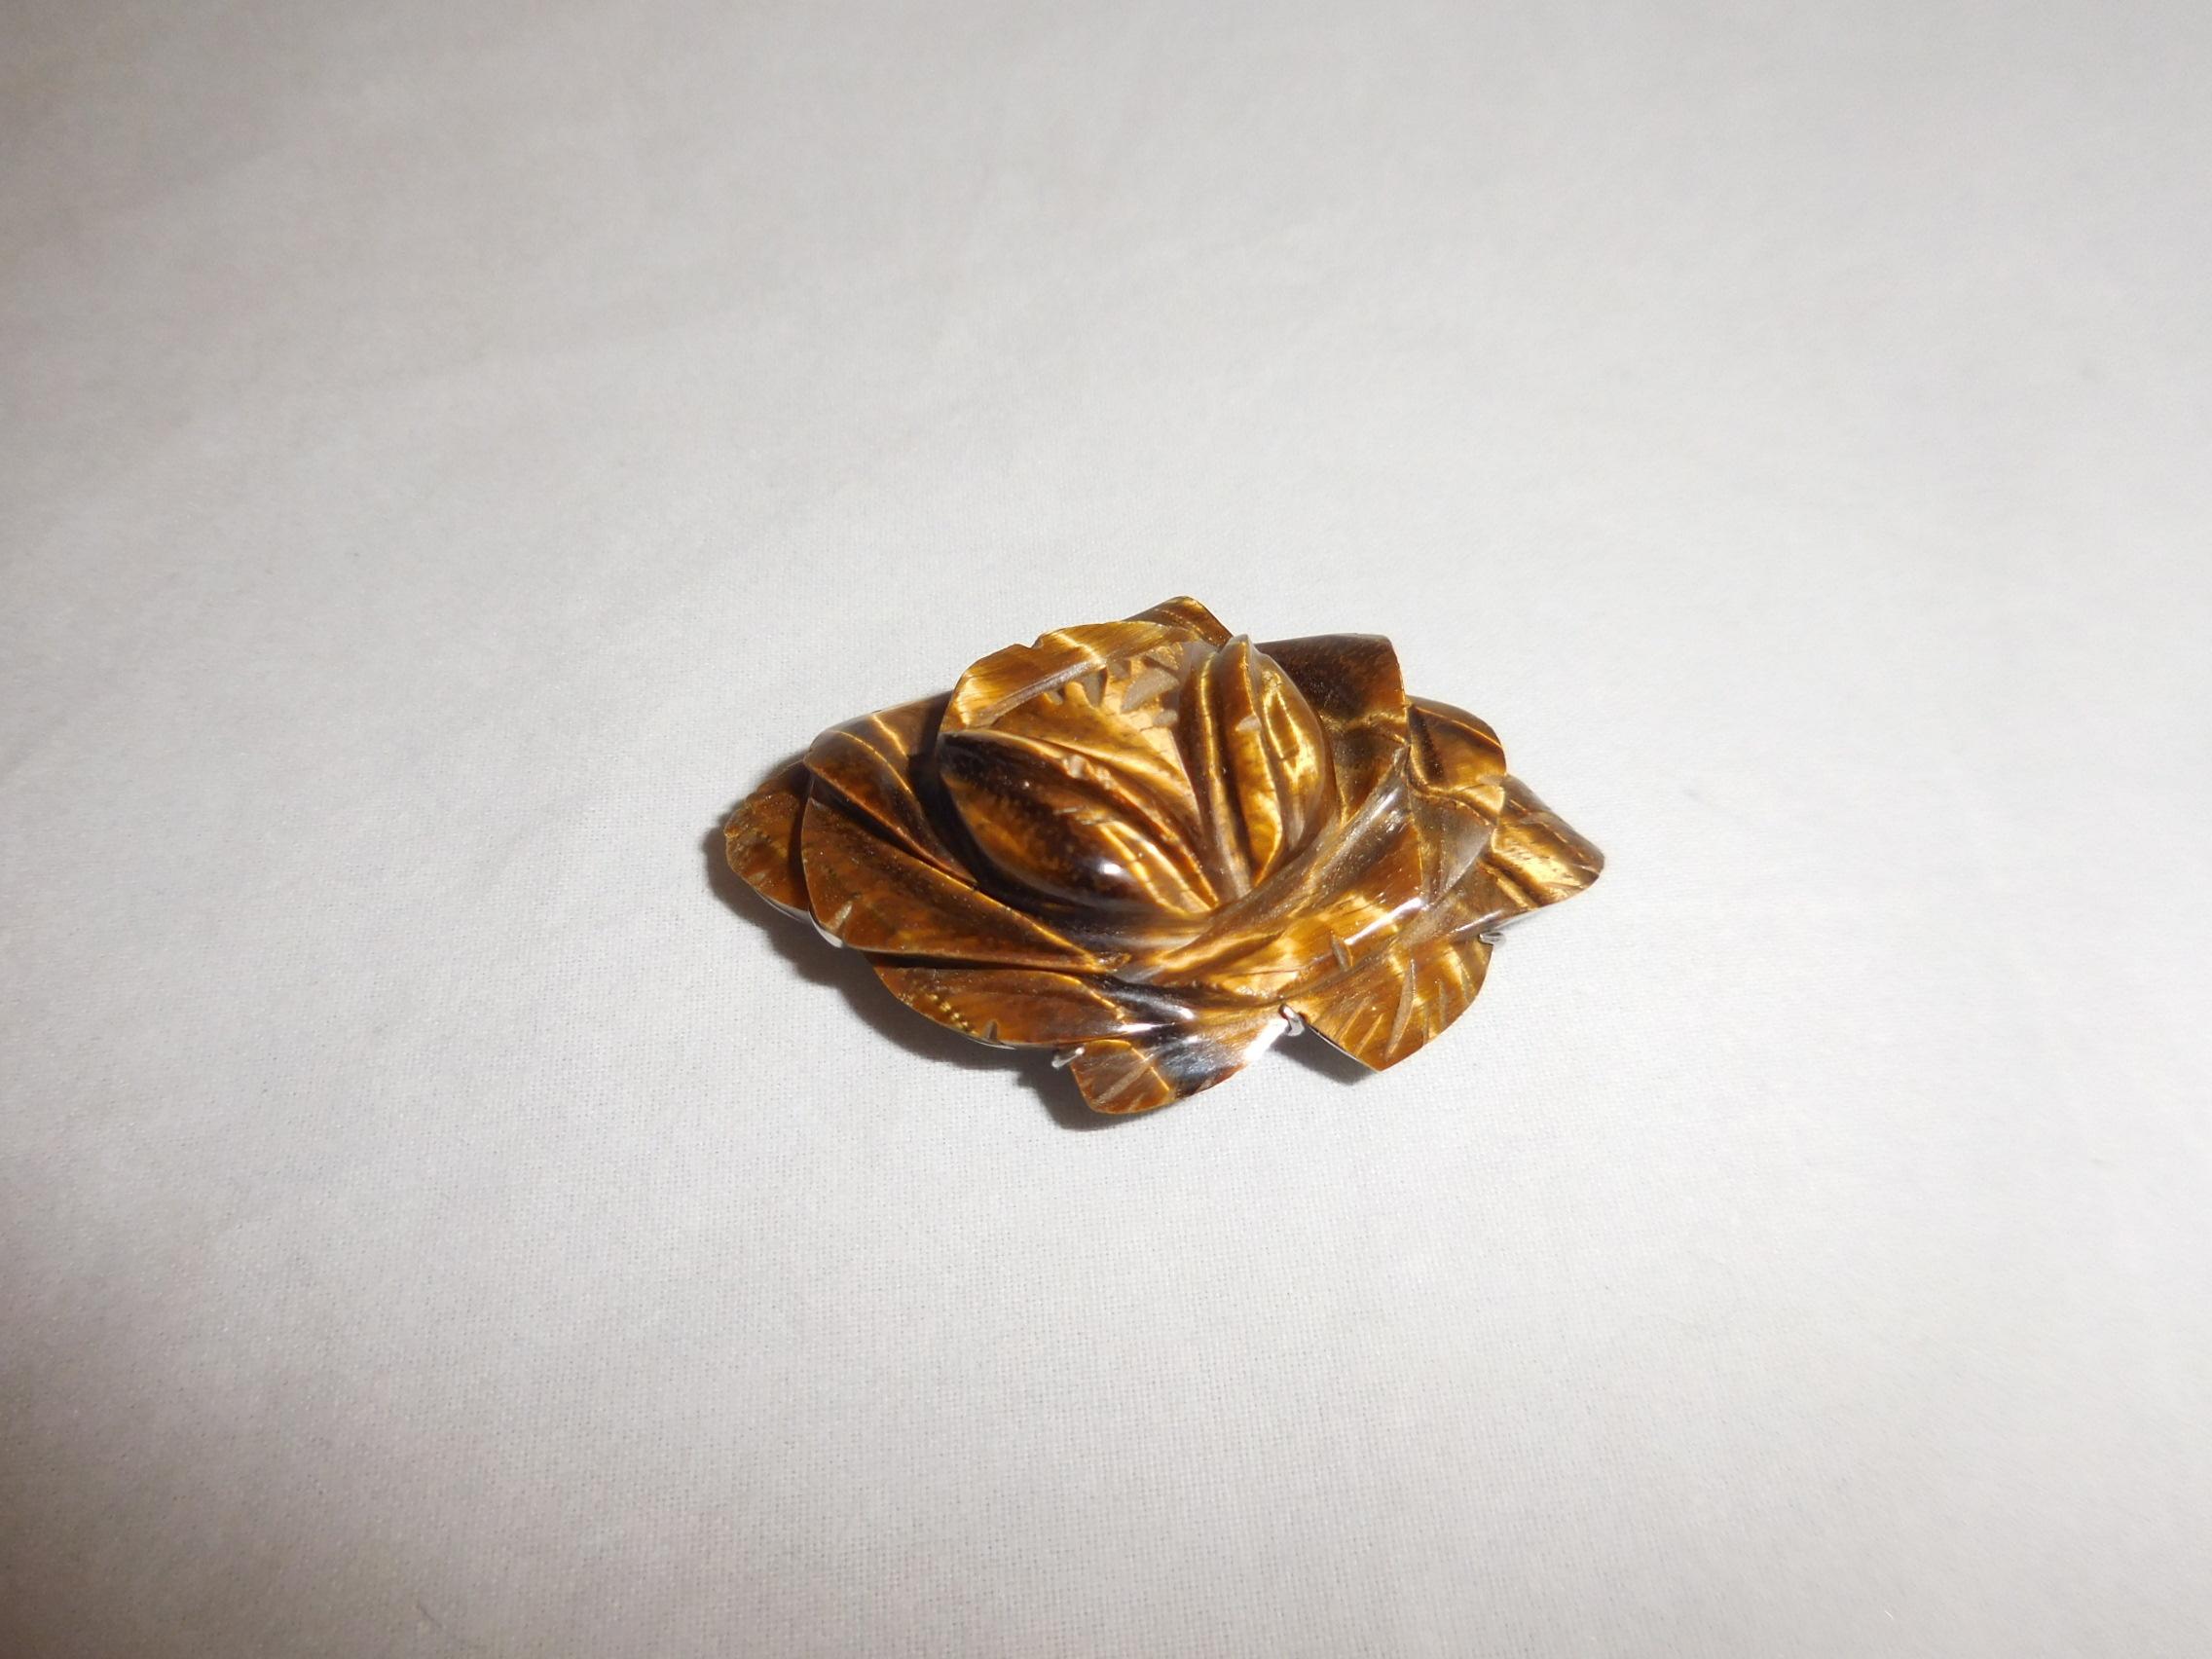 虎目石の帯留 tiger eye stone obi sash clip(flower)